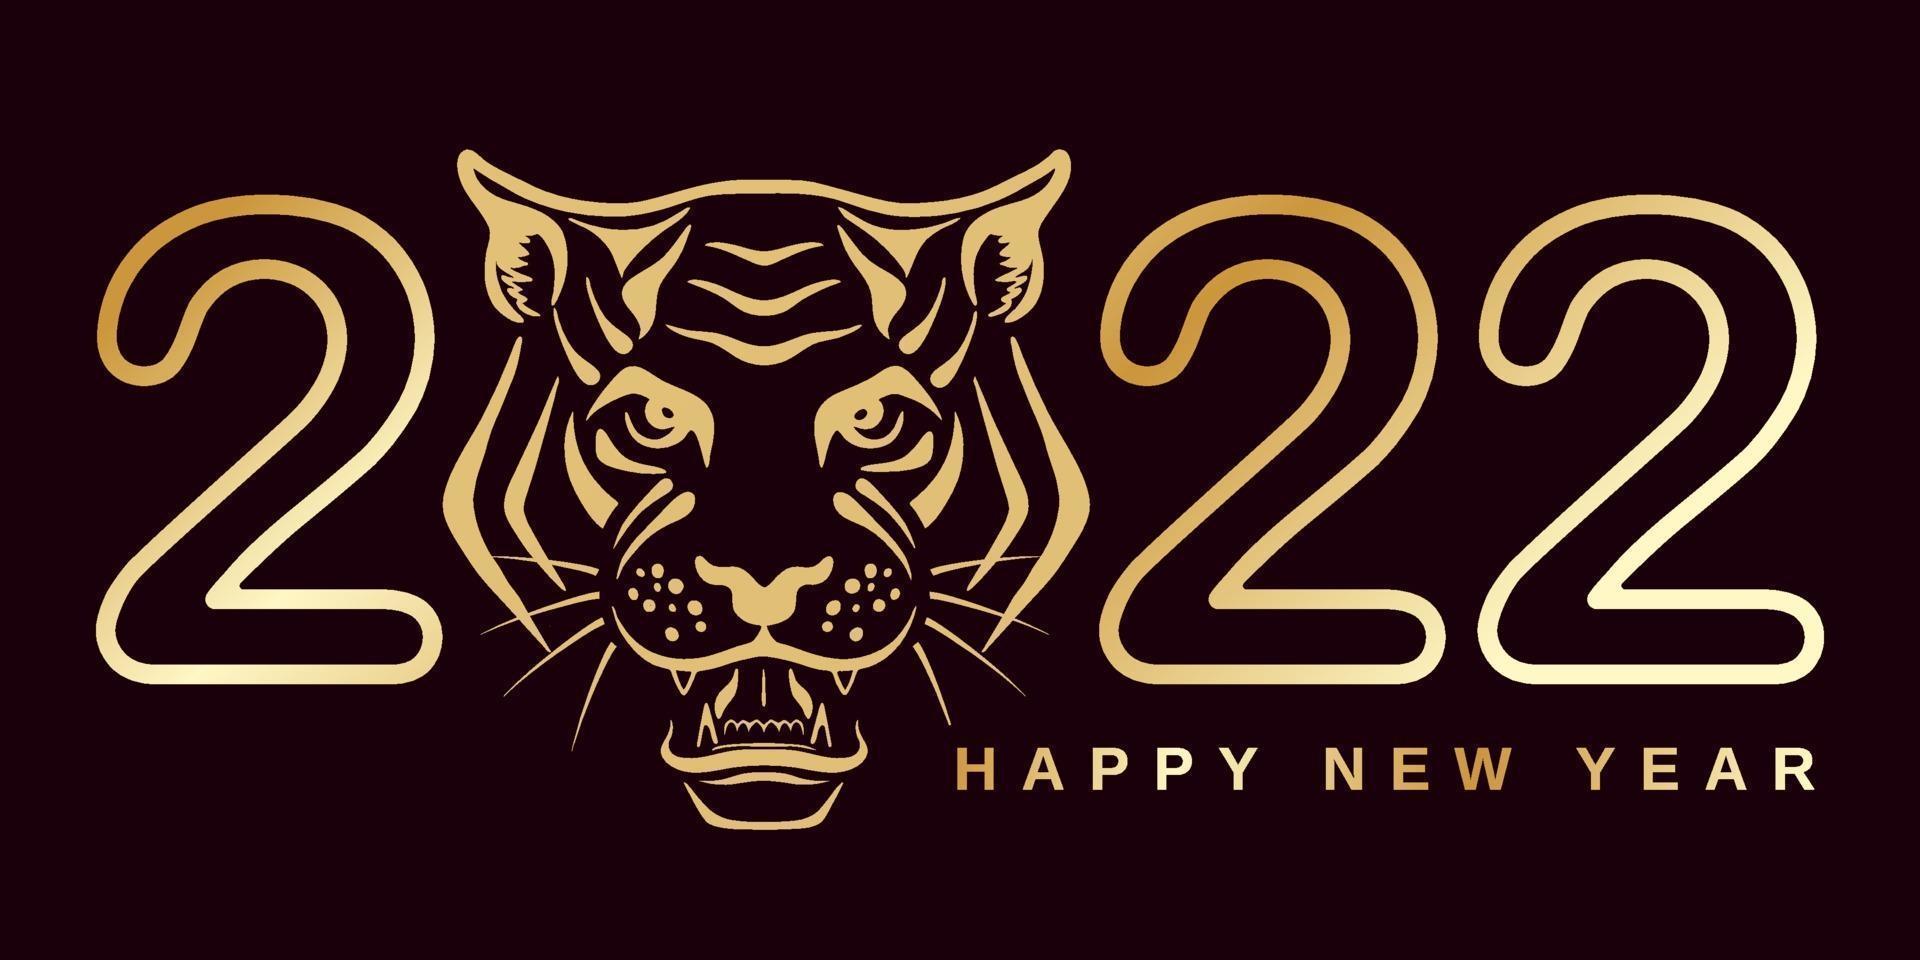 2022 com cabeça de tigre vetor